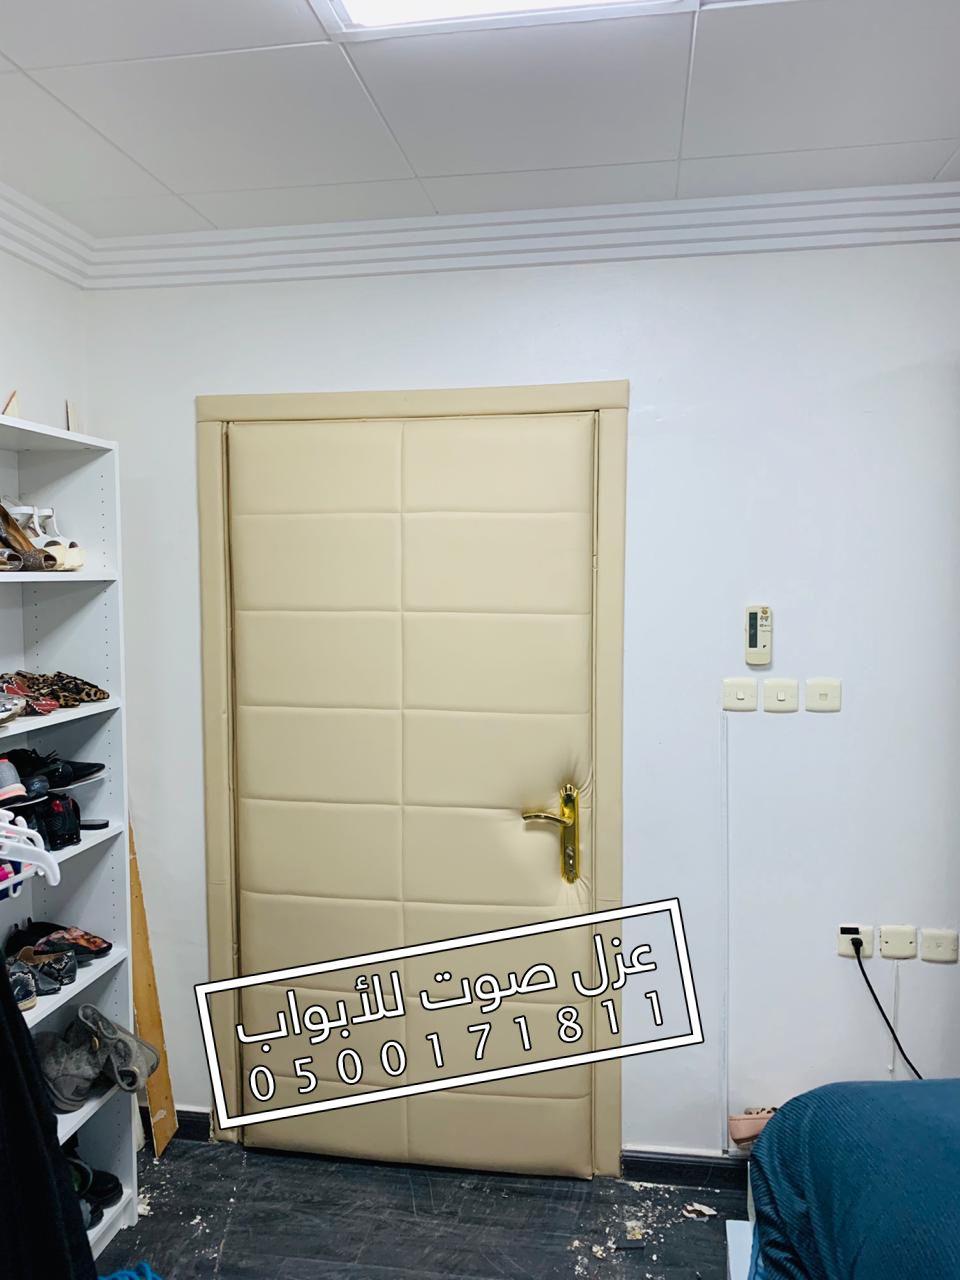 عازل جلدي فني للابواب تنجيد الباب في الرياض Home Decor Decals Home Decor